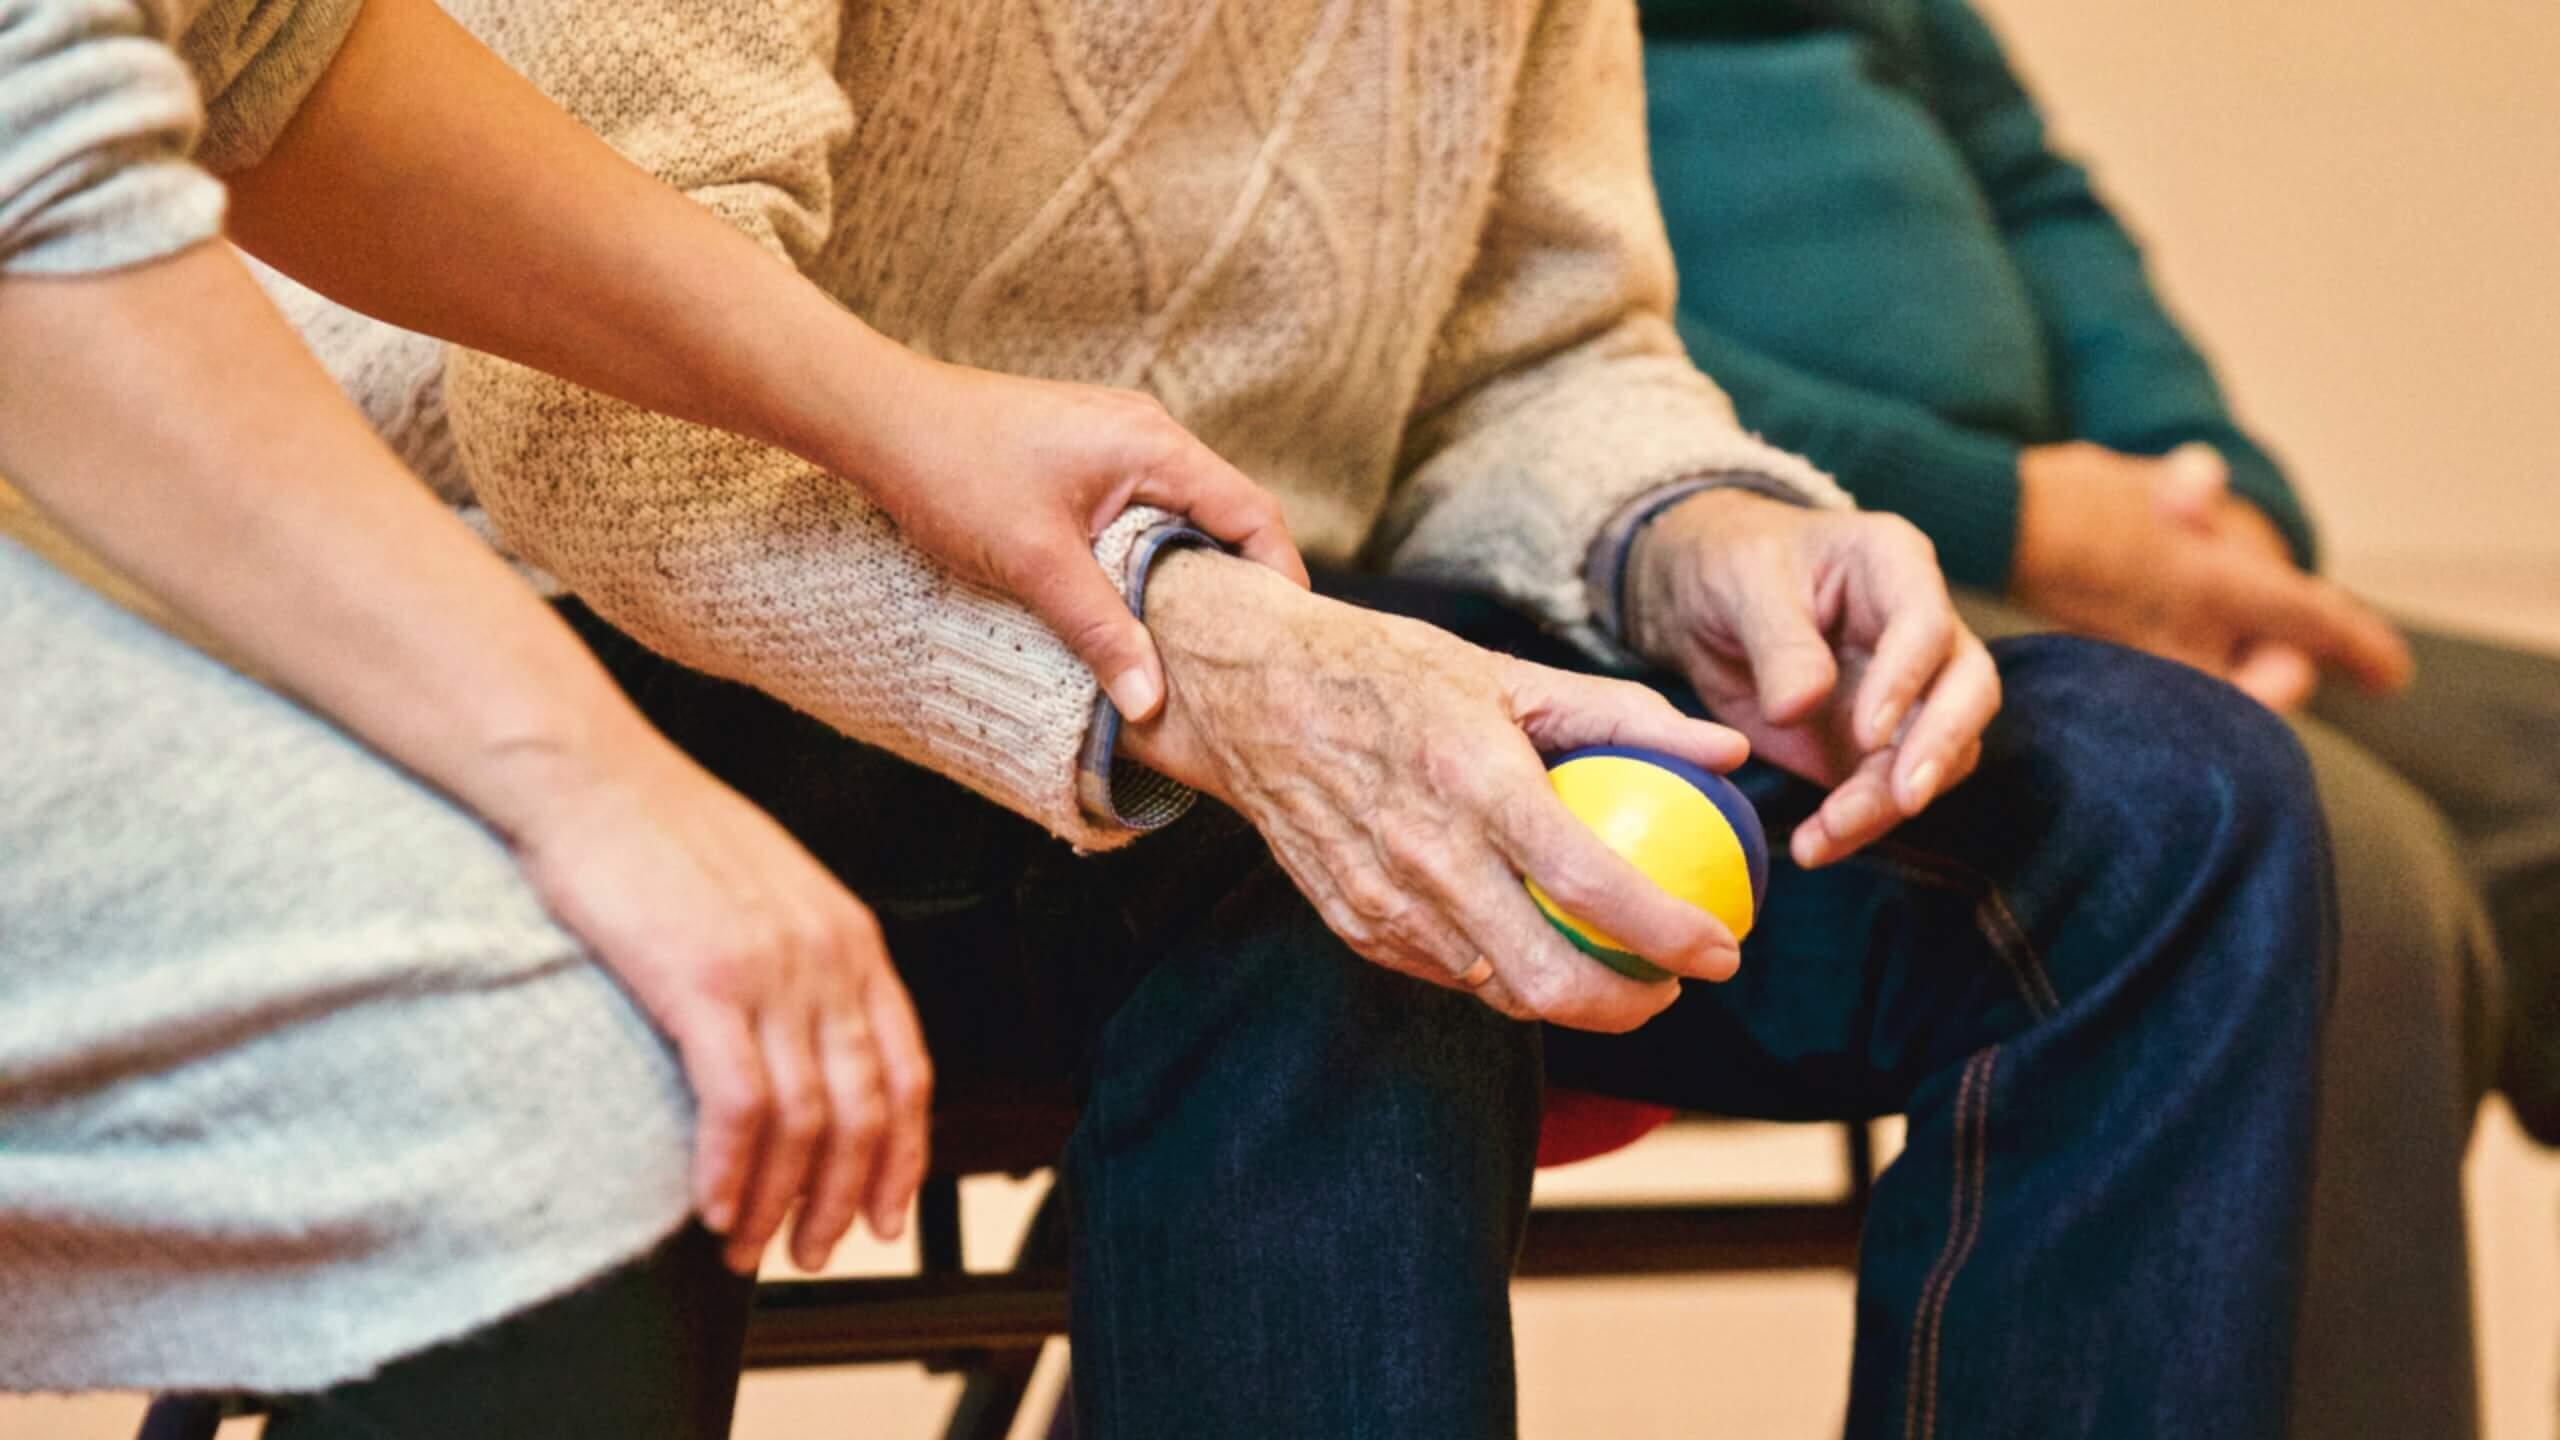 La maladie de Parkinson chez les personnes âgées peut être traitée grâce à la Rasagiline